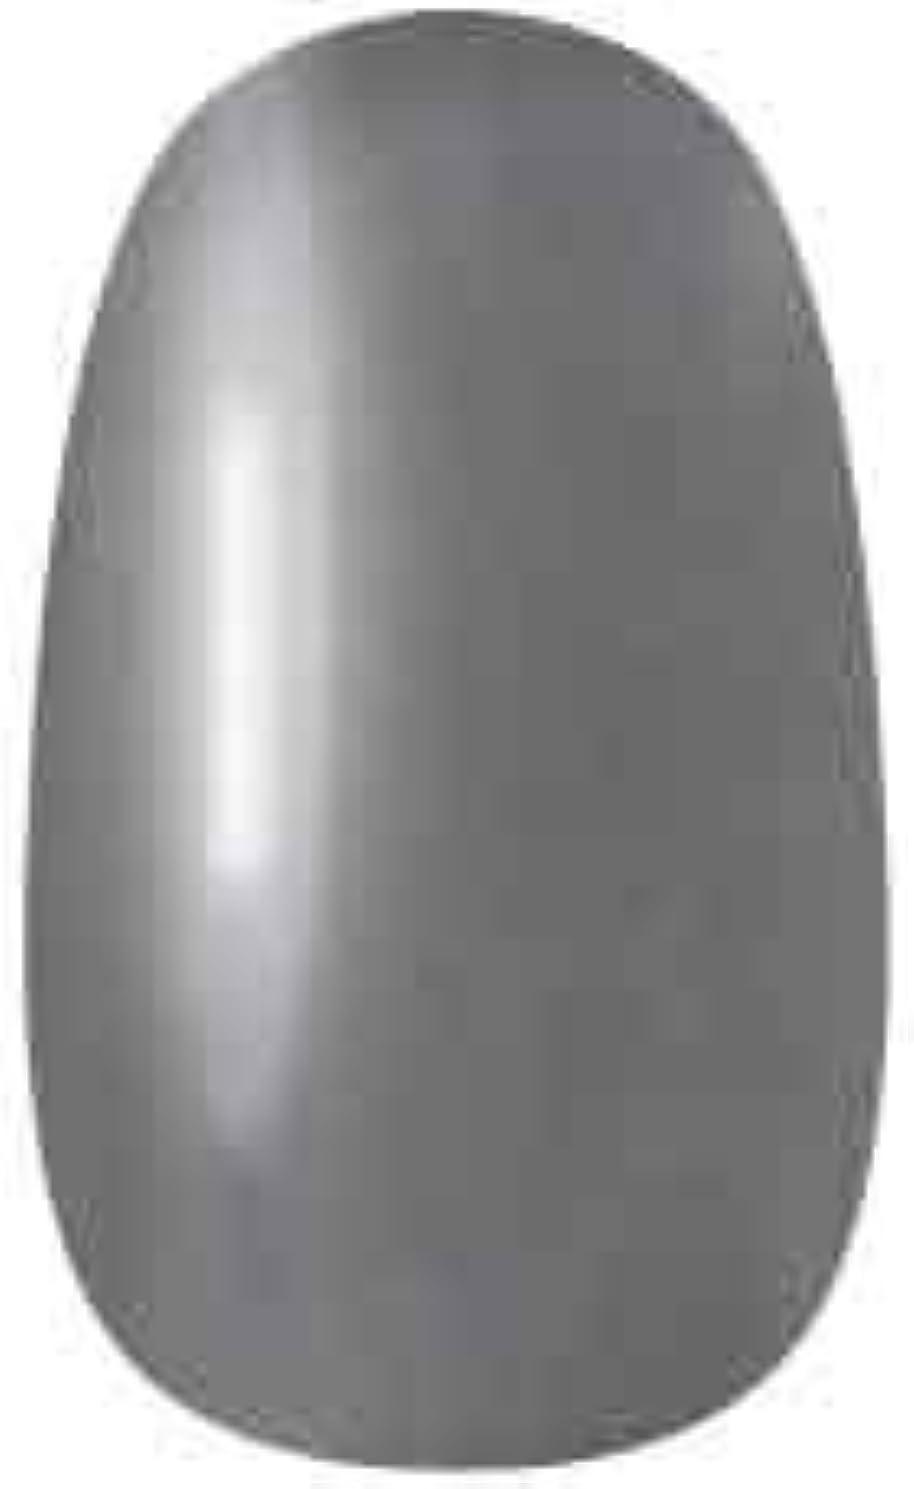 規定見ましたトーナメントラク カラージェル(073-ベースジェル)8g 今話題のラクジェル 素早く仕上カラージェル 抜群の発色とツヤ 国産ポリッシュタイプ オールインワン ワンステップジェルネイル RAKU COLOR GEL #73